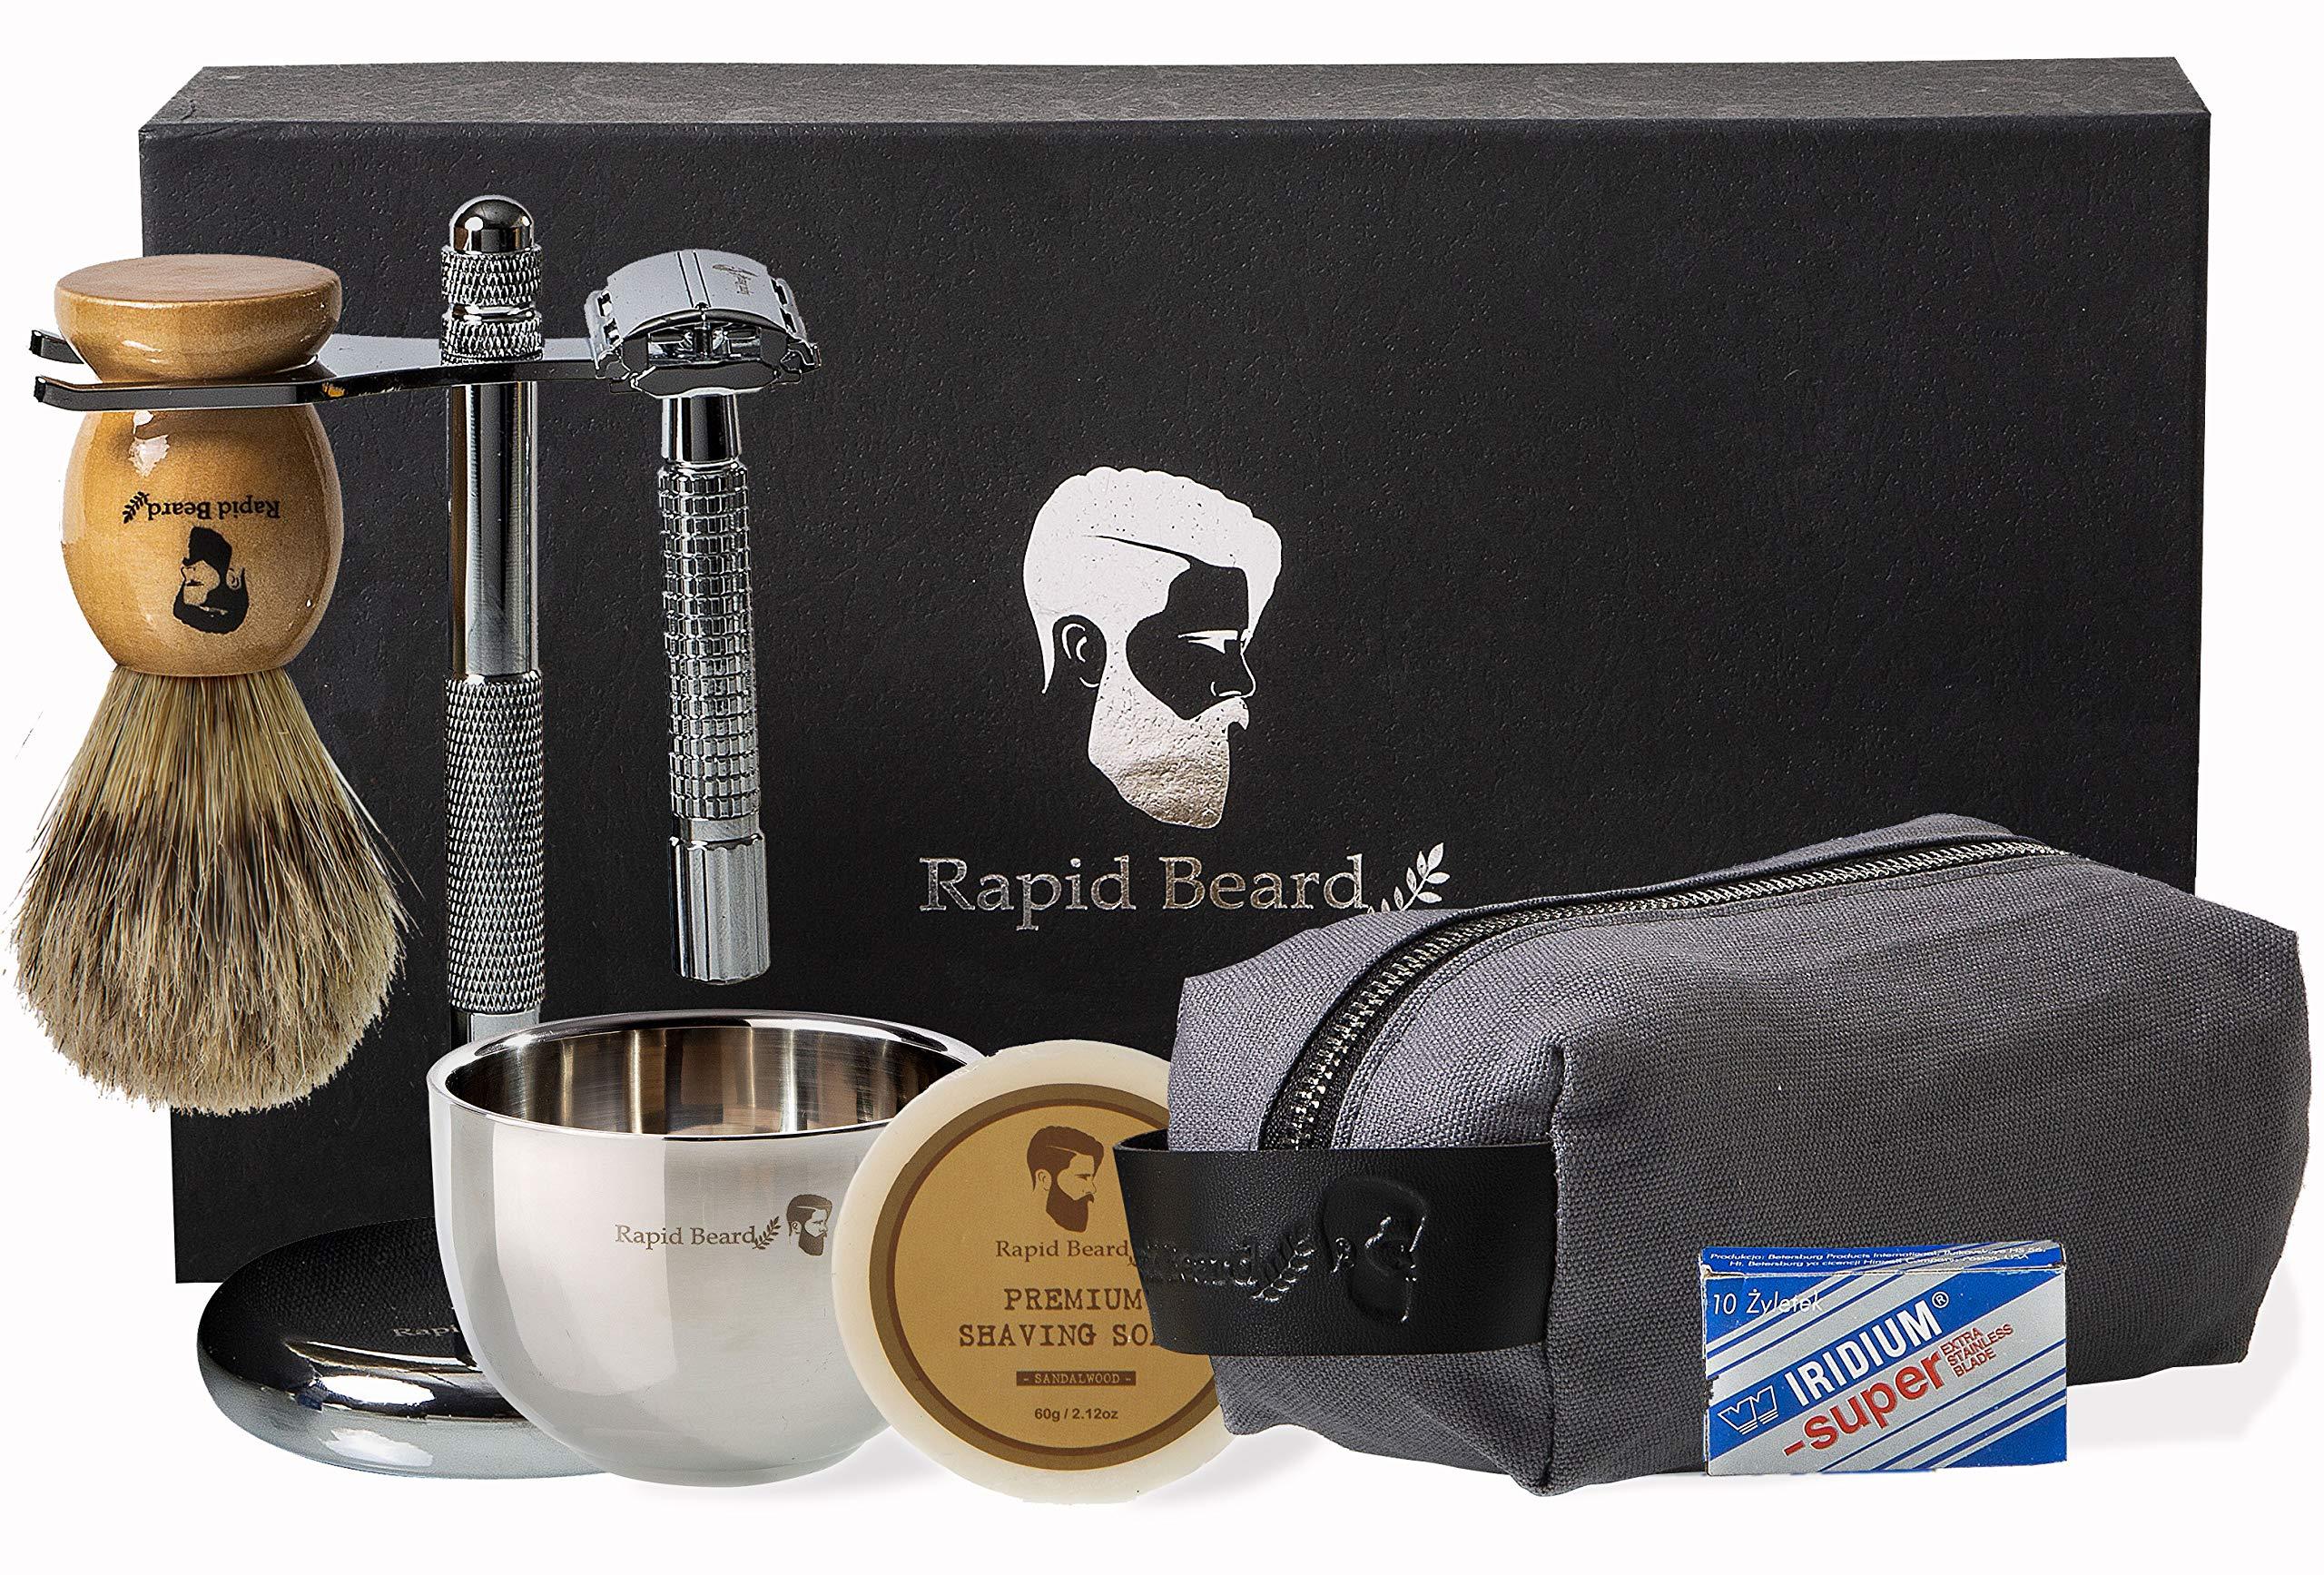 Shaving Kit for Men Wet Shave - Safety Razor with 10 blades, Shaving Badger Hair Brush, Sandalwood Shaving Soap Cream, Shaving Stand, Stainless Steel Bowl Mug, Canvas Dopp Kit - Gift Set by Rapid Beard